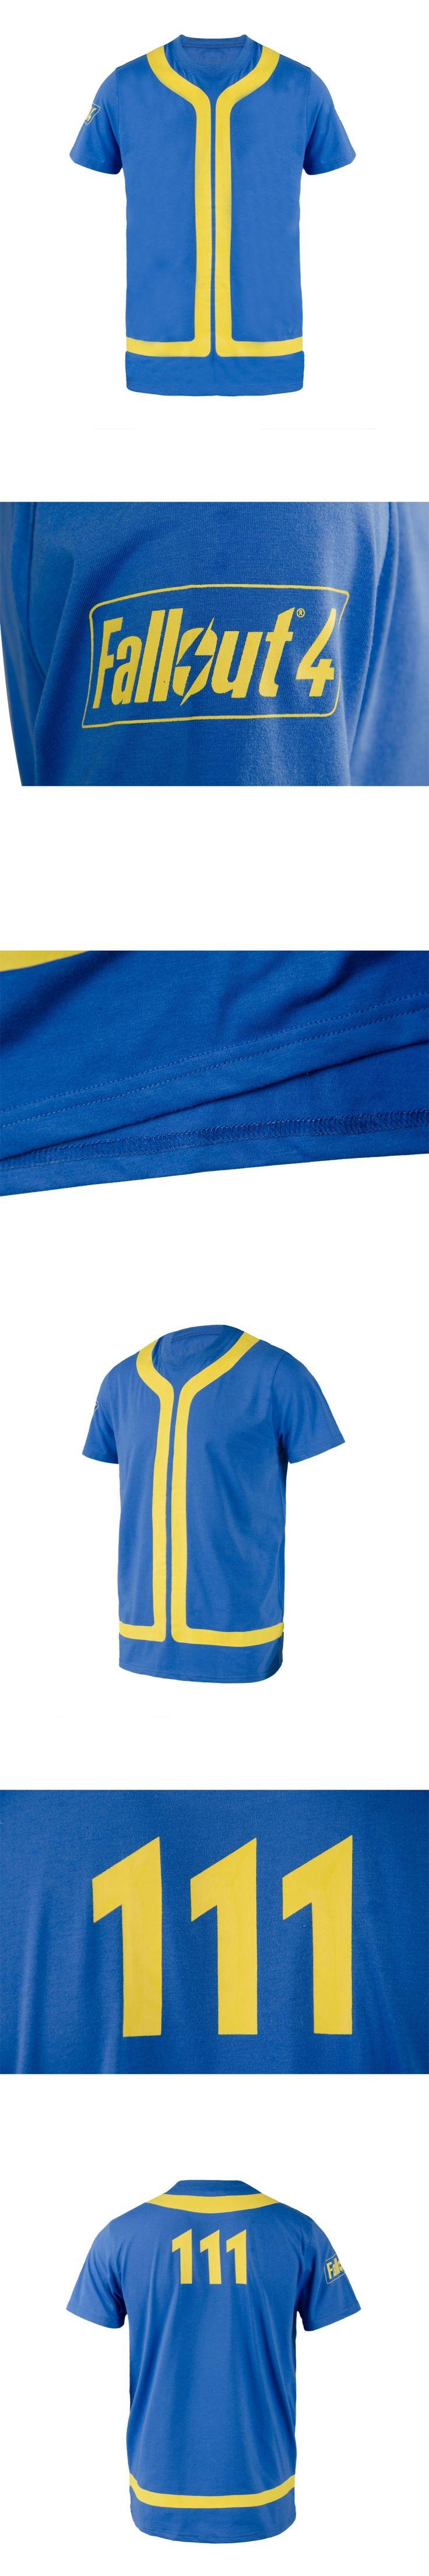 Summer Shirt Fallout 4 T shirt Vault 111 Cosplay Summer Blue Short Sleeve T-shirt For Men